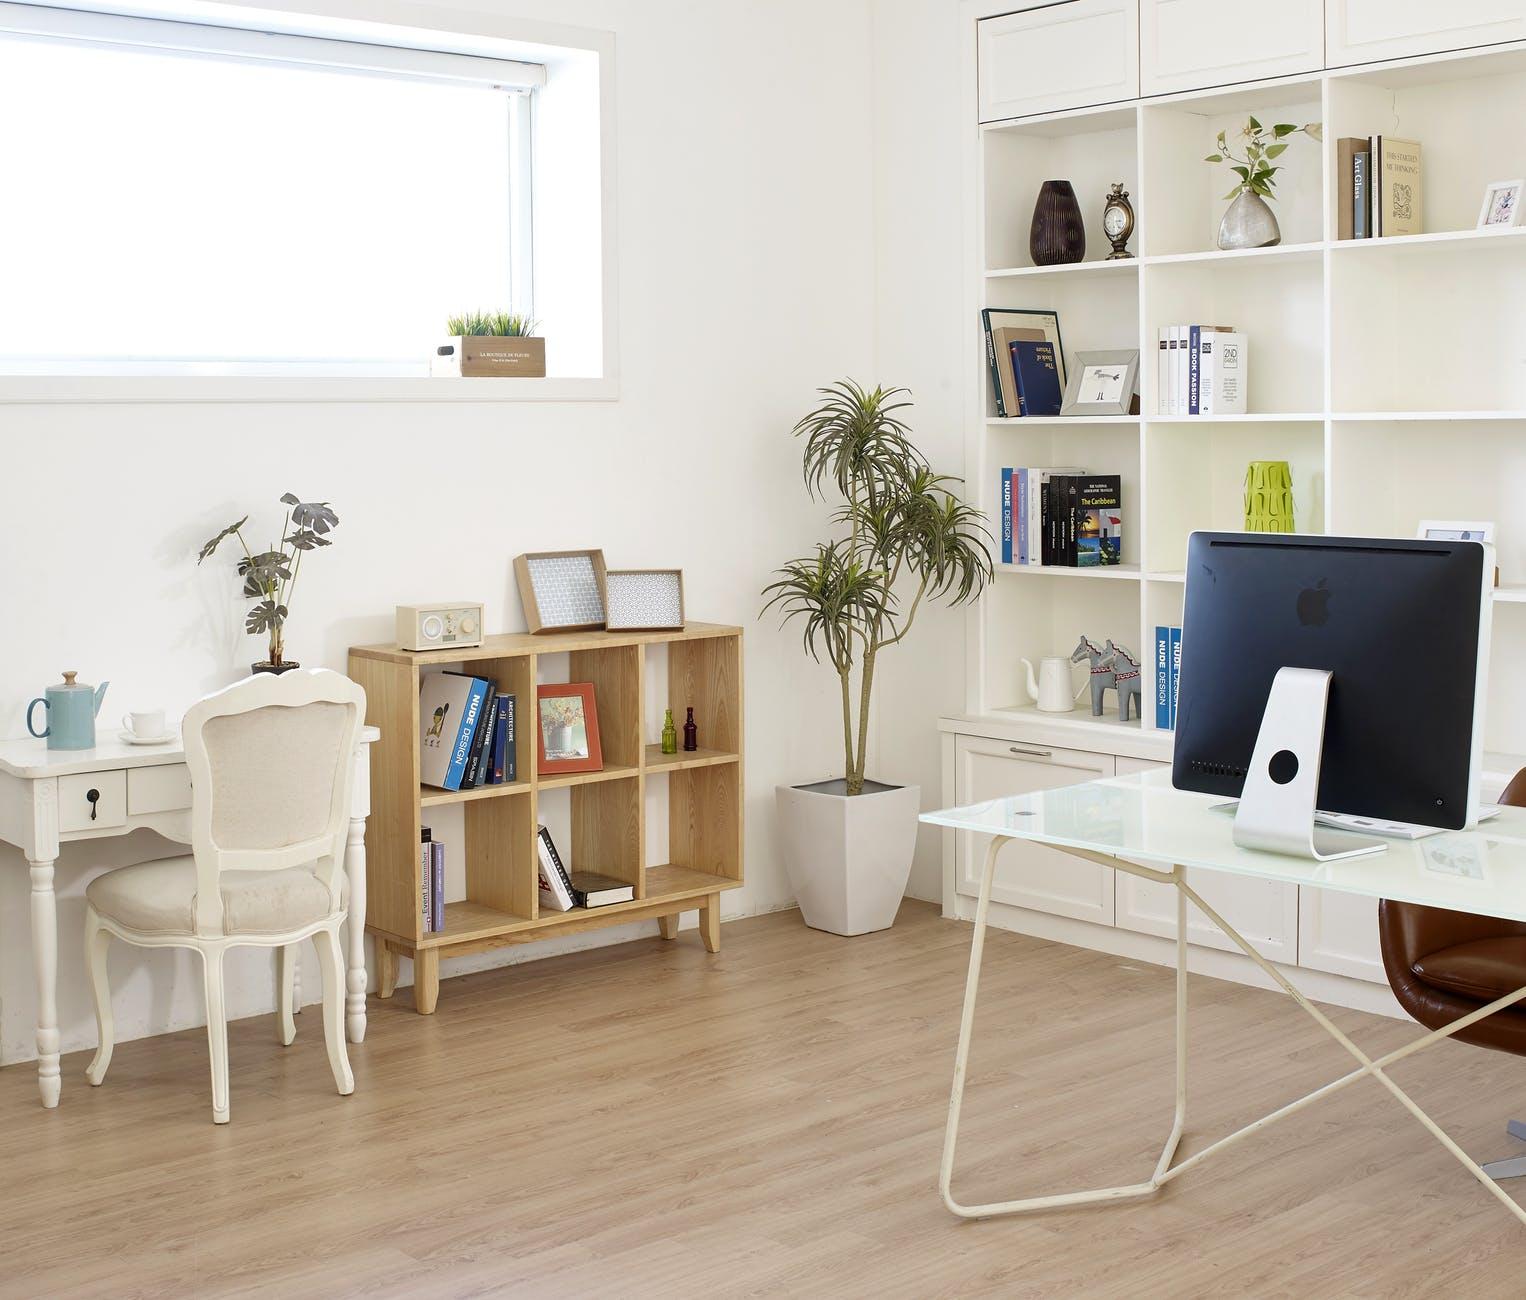 Arredare Spazi Piccoli 5 semplici passi per arredare uno spazio piccolo - housefy